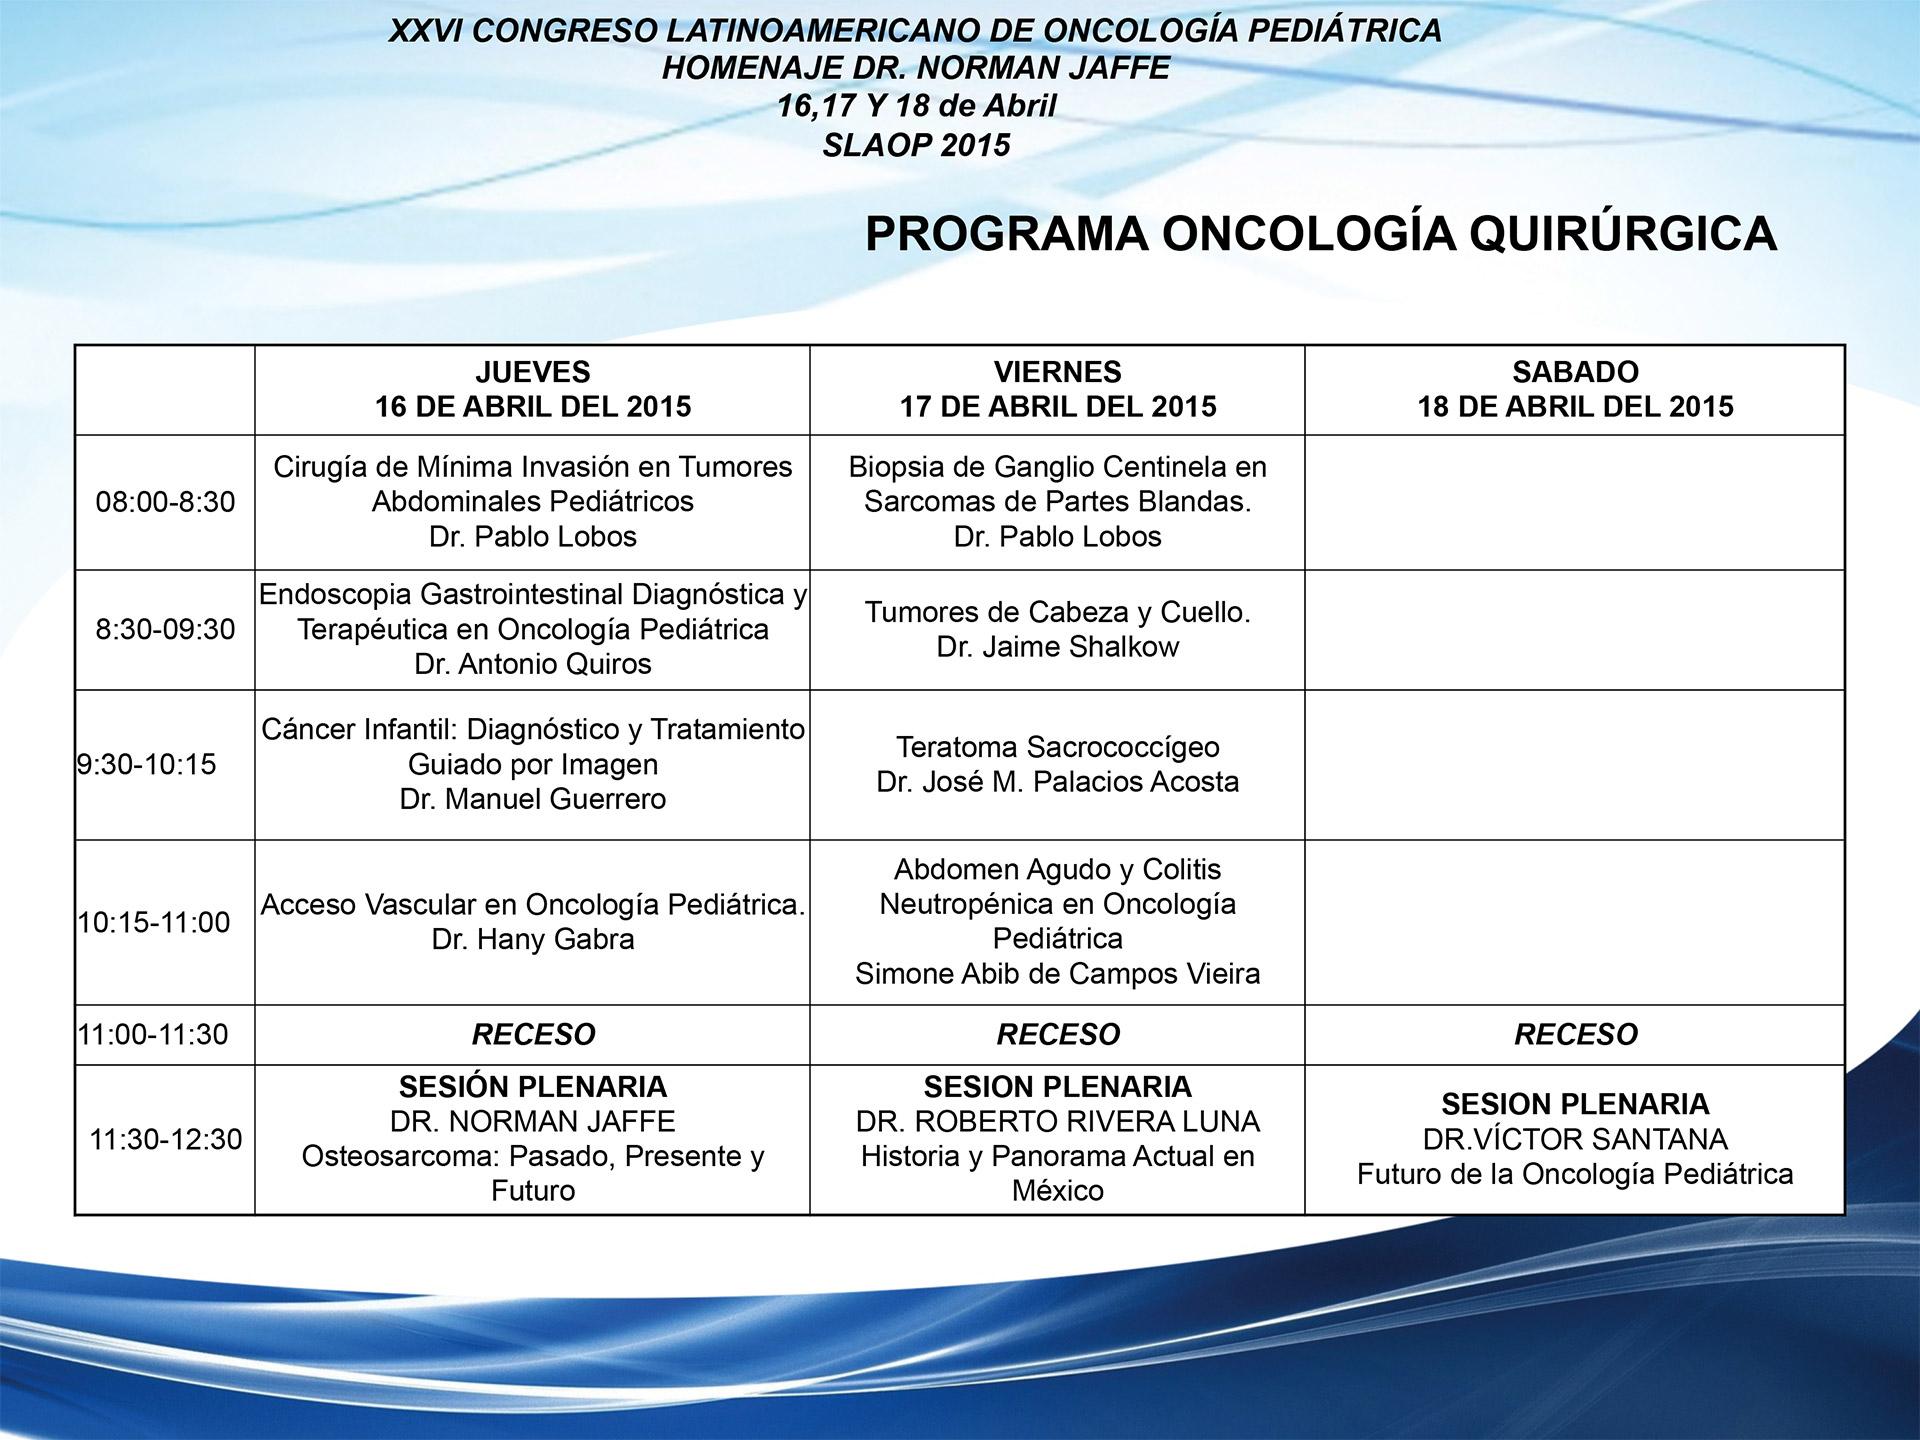 PROGRAMA-ONCOLOGIA-QUIRURGICA-1